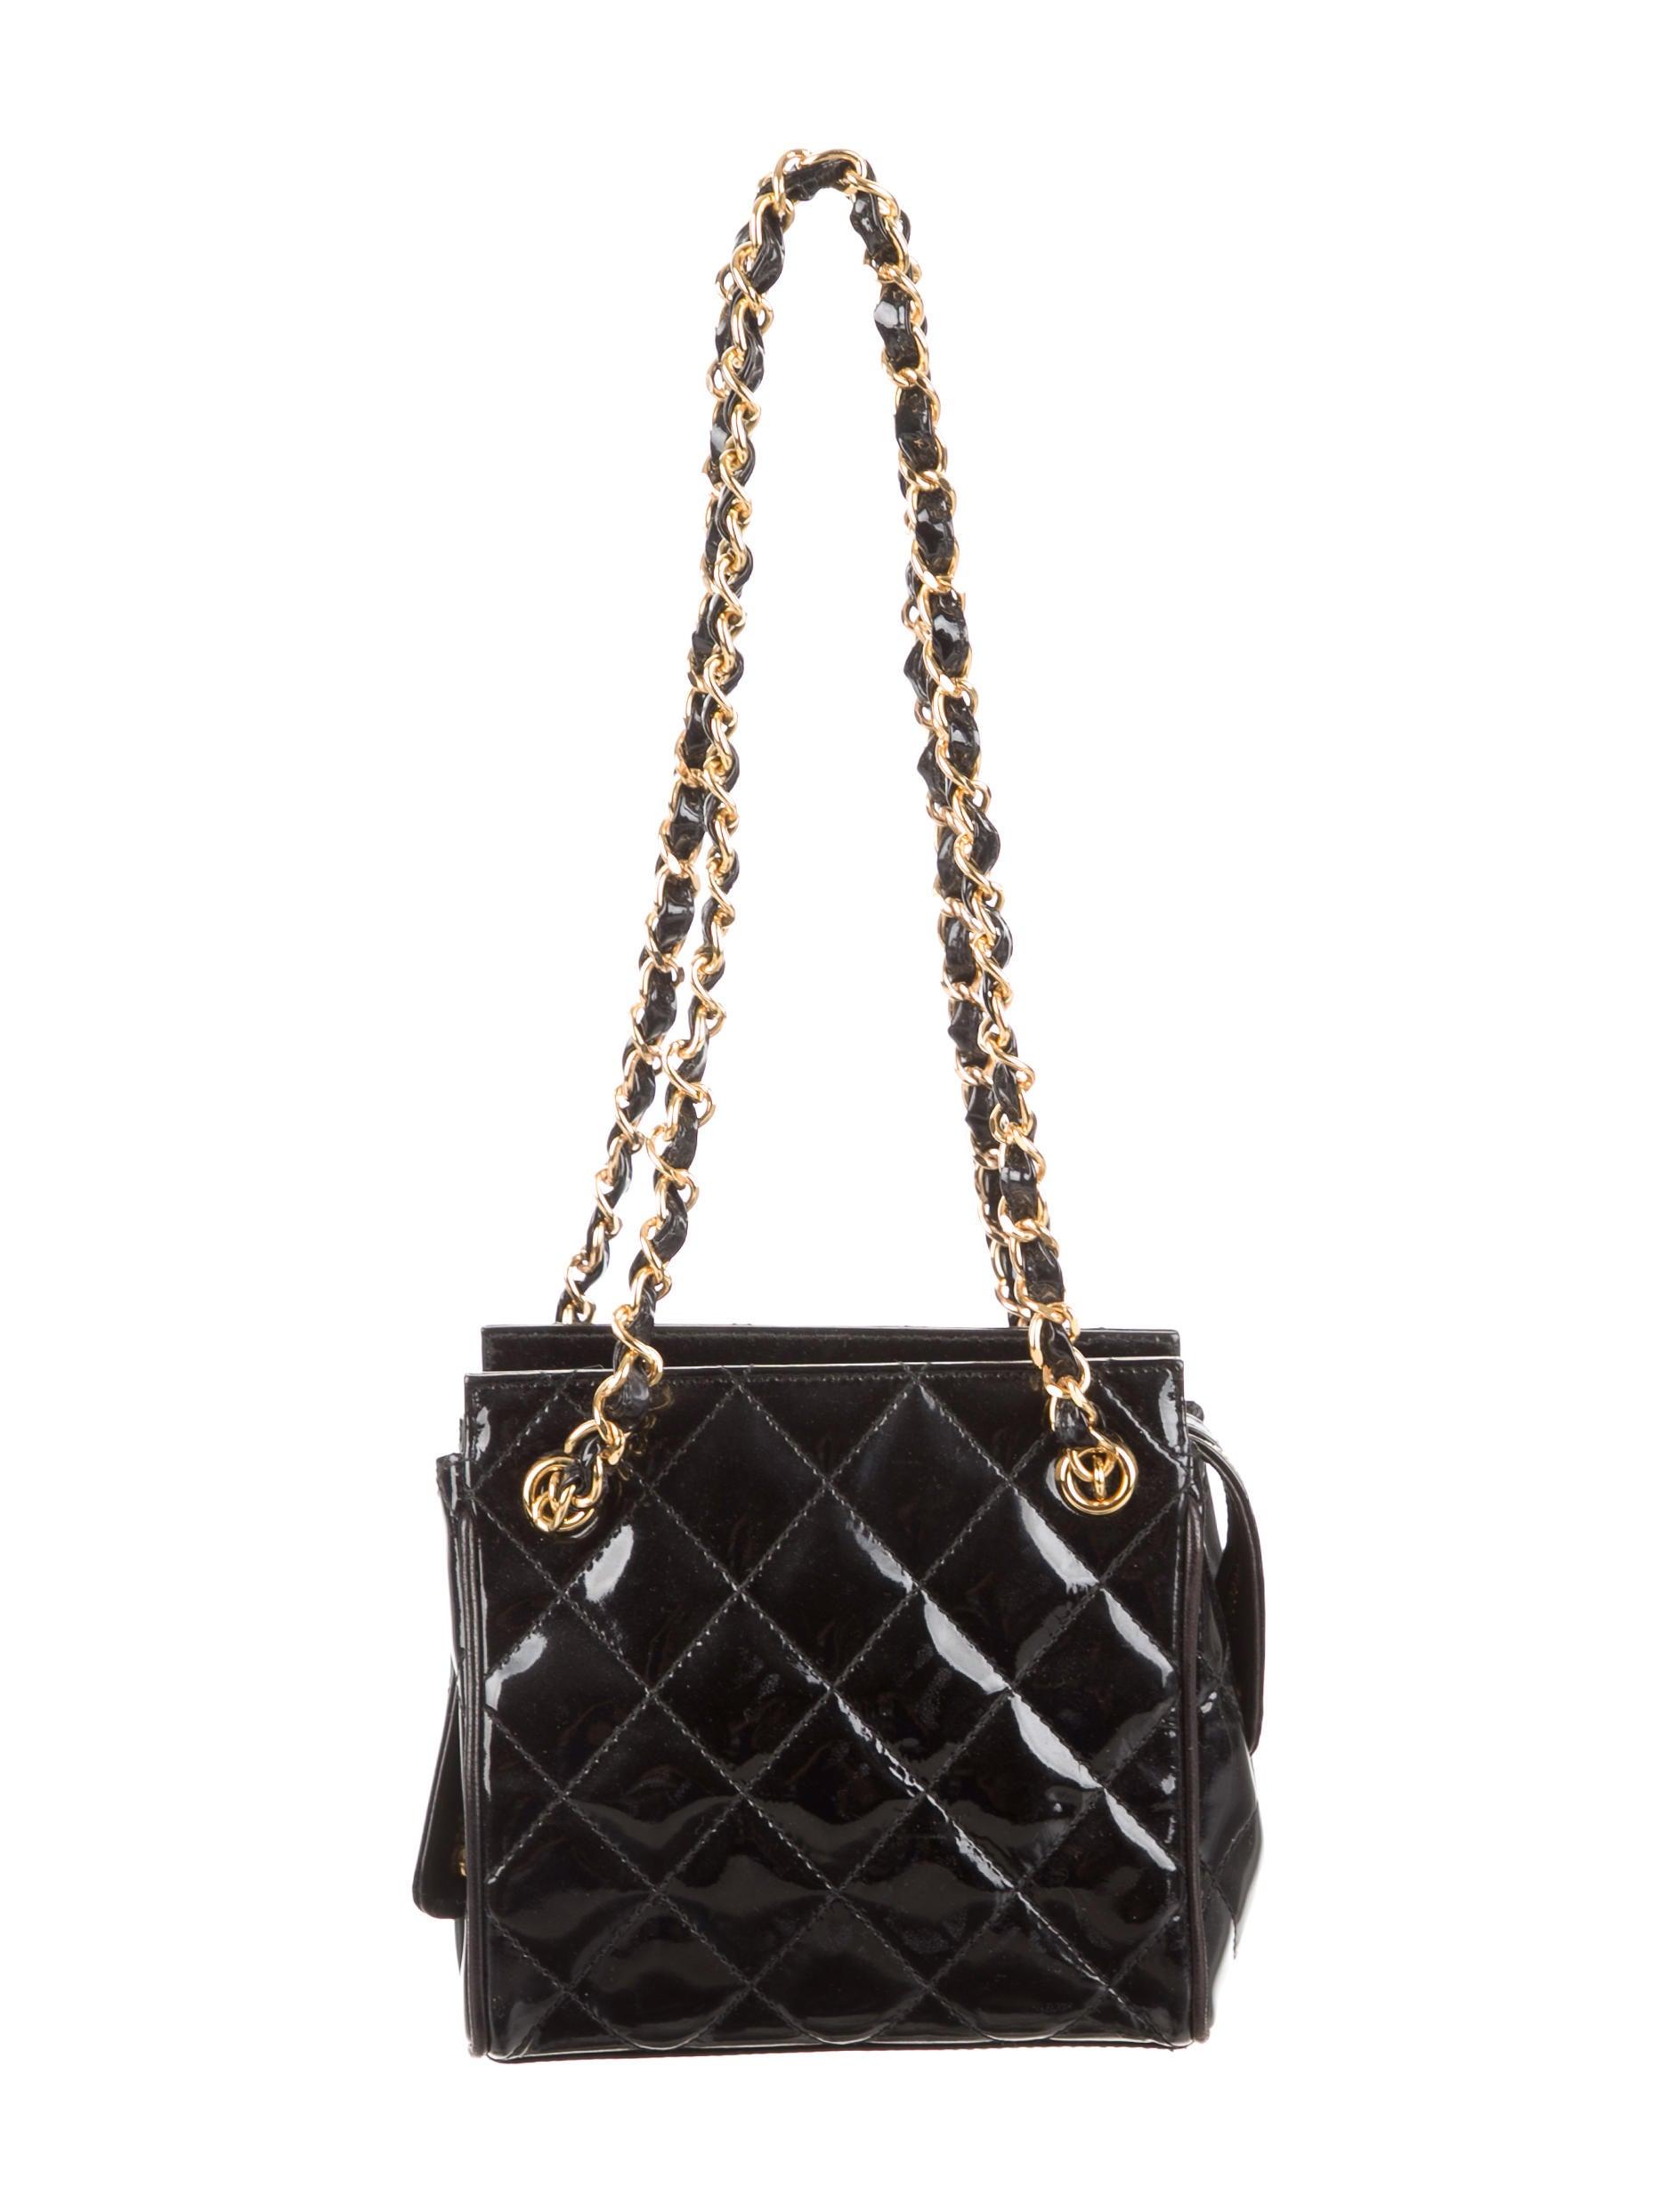 c28bb2fc5df4 Small Chanel Shoulder Bag. Chanel Small Surpique Shoulder Bag - Handbags ...